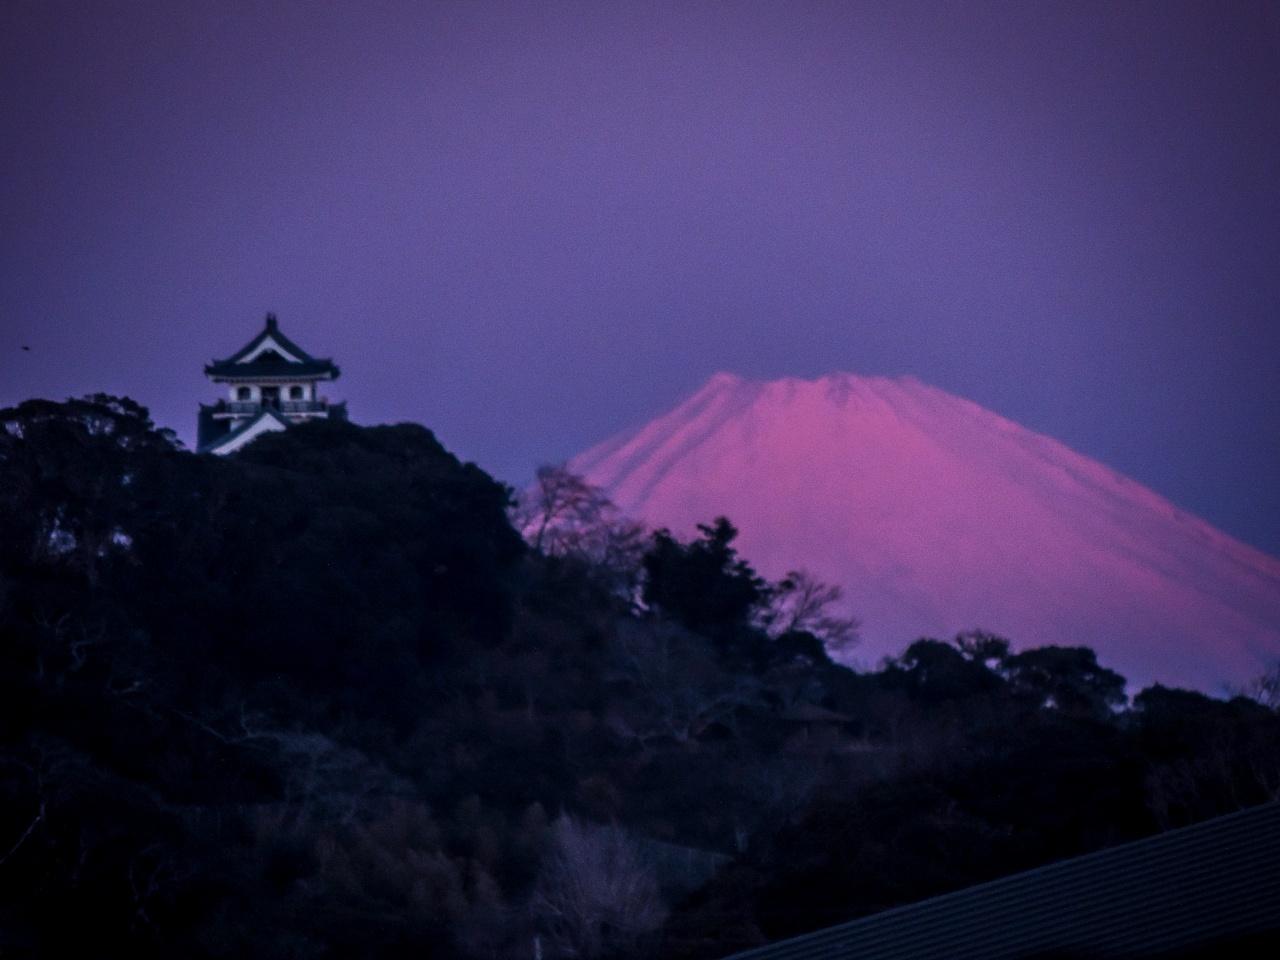 2020.2.9パール富士と館山城(館山市)_e0321032_14534176.jpg